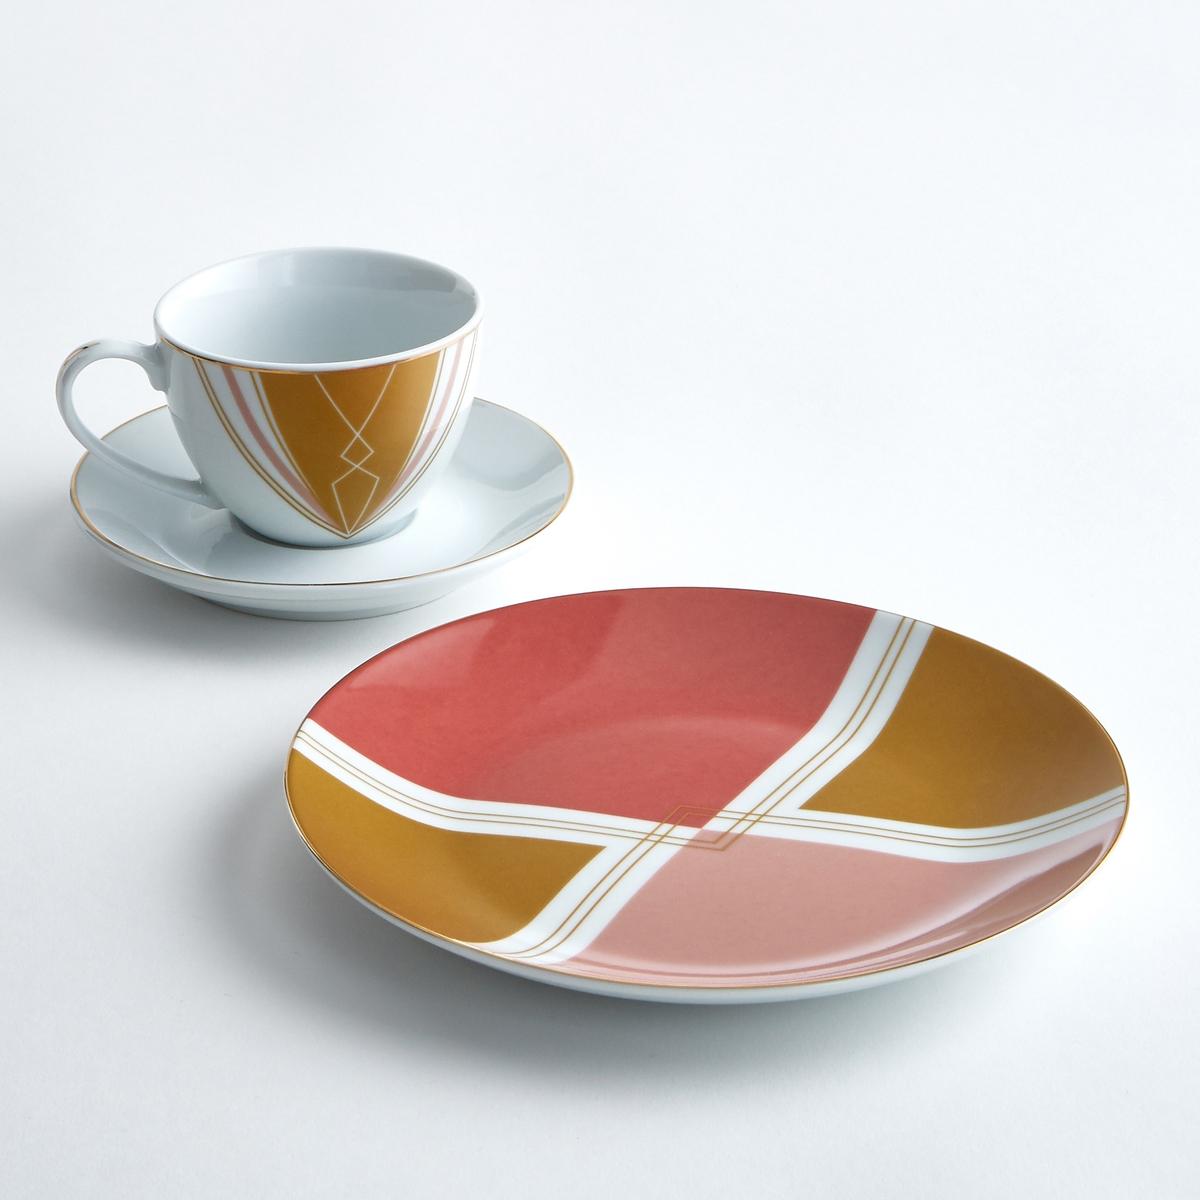 Чашка + блюдце фарфоровые (4 шт.) PALATOЧашки и блюдца Palato : дизайн в стиле ретро, неподвластный времени, изящный графический рисунок.Характеристики 4 чашек и блюдец Palato :Из фарфора.Винтажный рисунок.Золотистая кайма.Размеры 4 чашек и блюдец Palato :Чашки : диаметр. 6,5 x высота 9 см.Блюдца : диаметр. 14 x высота 2 см.Другие чашки и предметы наших коллекций декора стола вы можете найти на сайте laredoute.ru<br><br>Цвет: набивной рисунок<br>Размер: единый размер